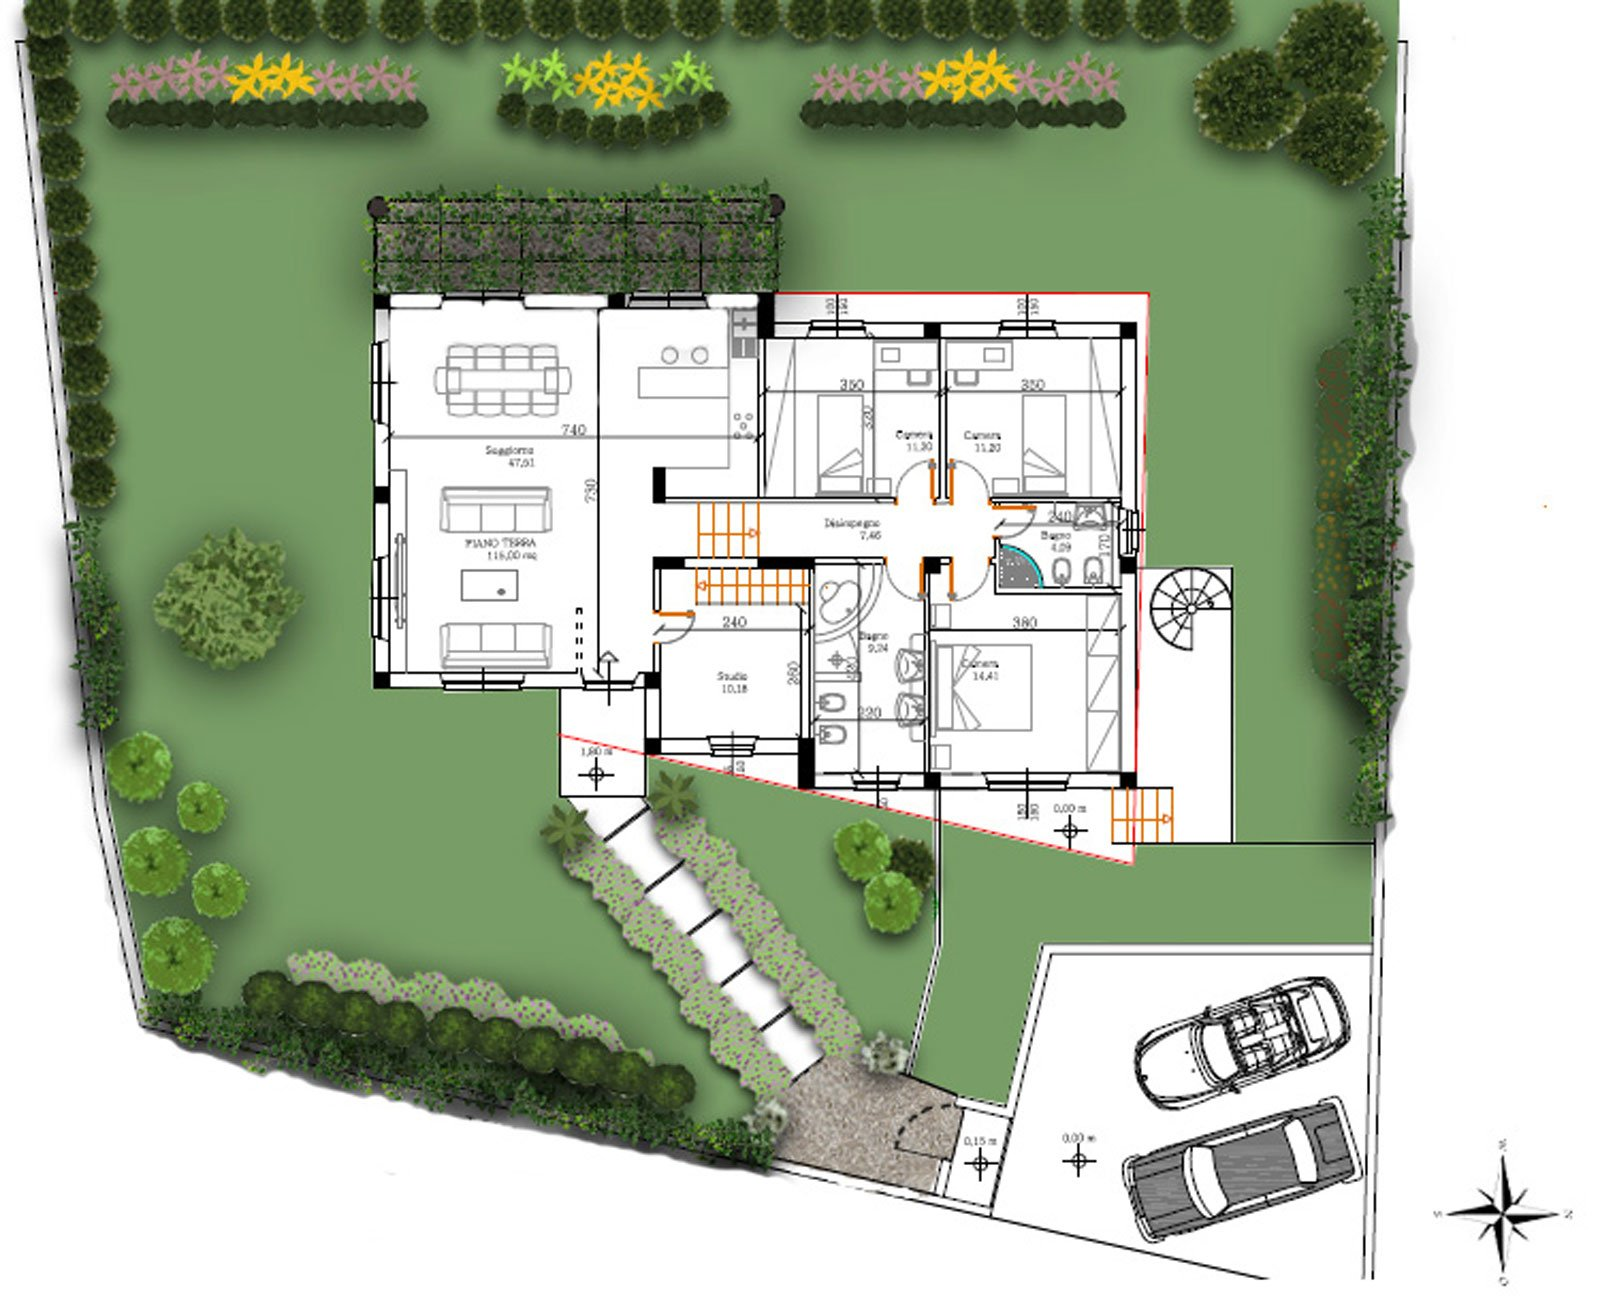 Un progetto per il giardino della villetta cose di casa for Moderni disegni di case a due piani